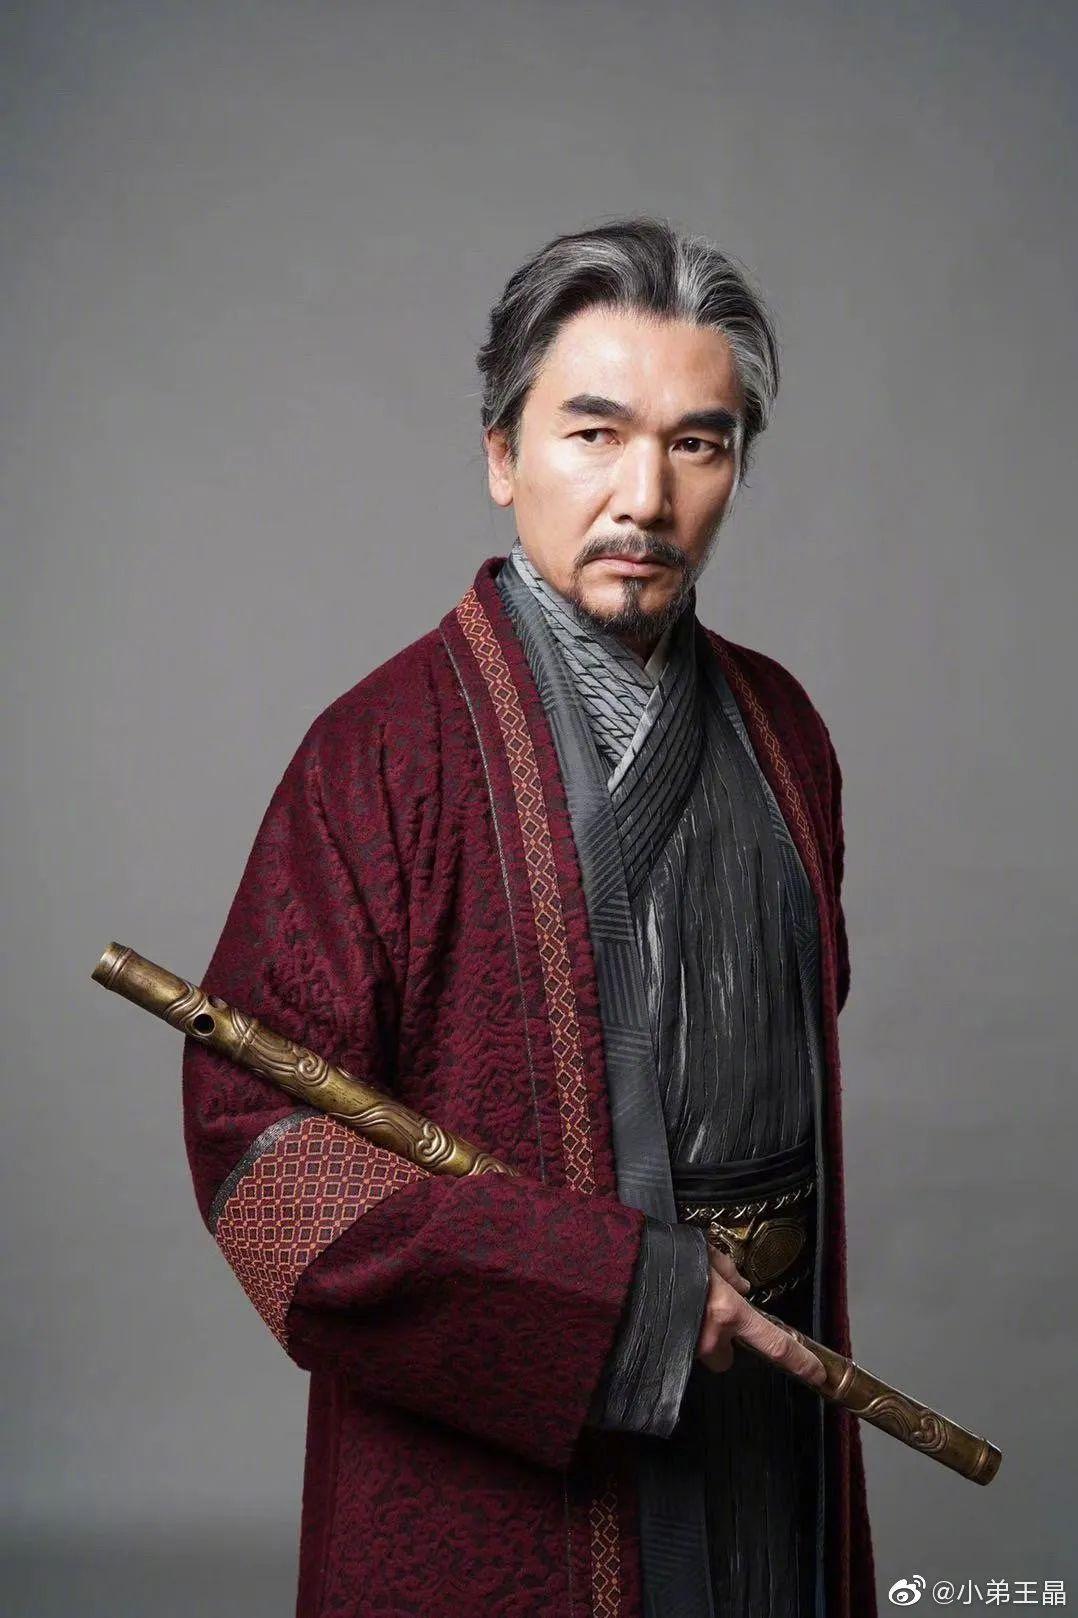 王晶将拍摄新电影版《倚天屠龙记》,公布满员阵容_图片 No.6